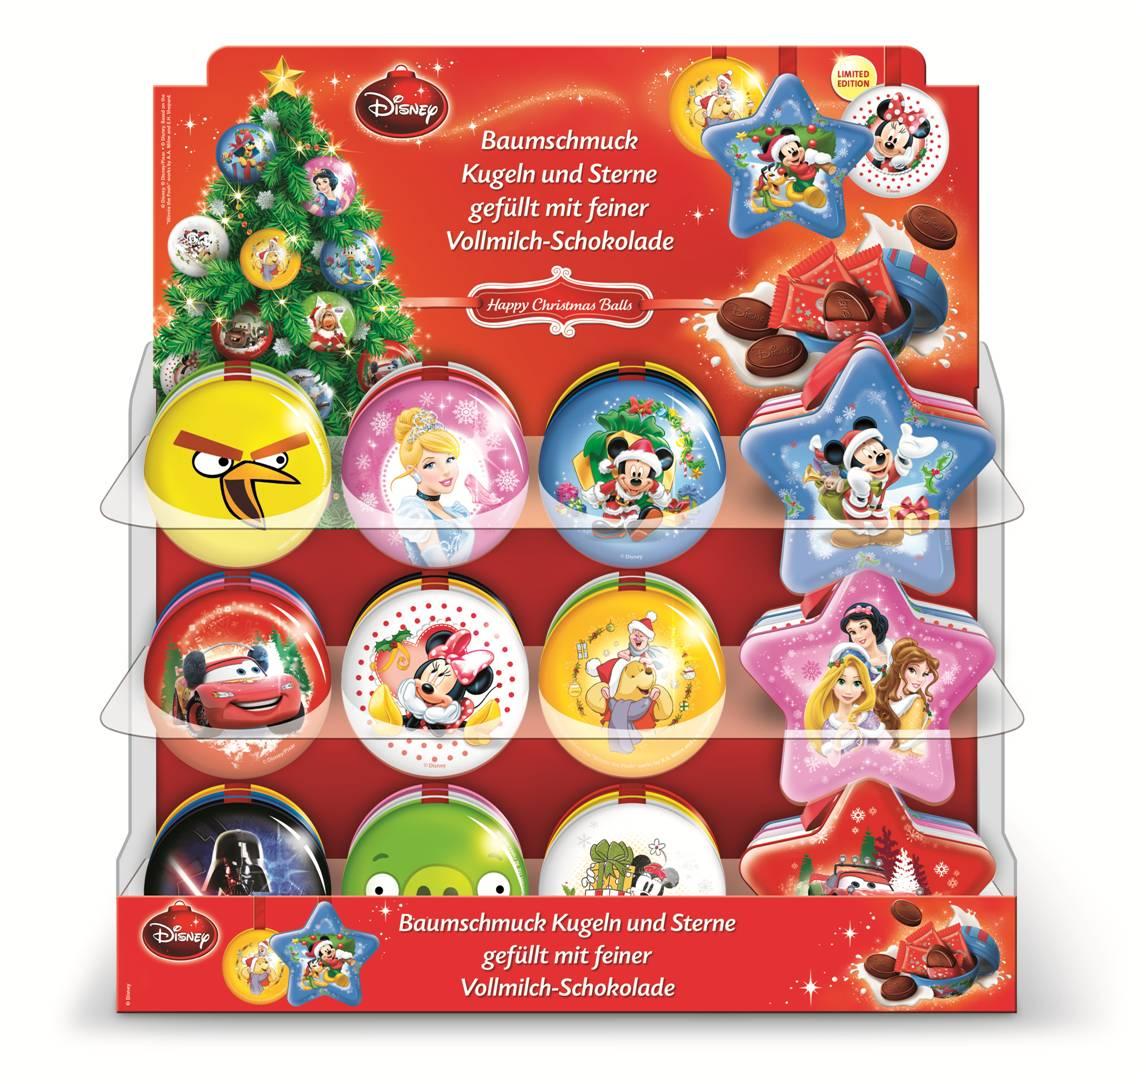 Disney weihnachtsbaum kugeln und sterne mit schokolade for Disney weihnachtskugeln